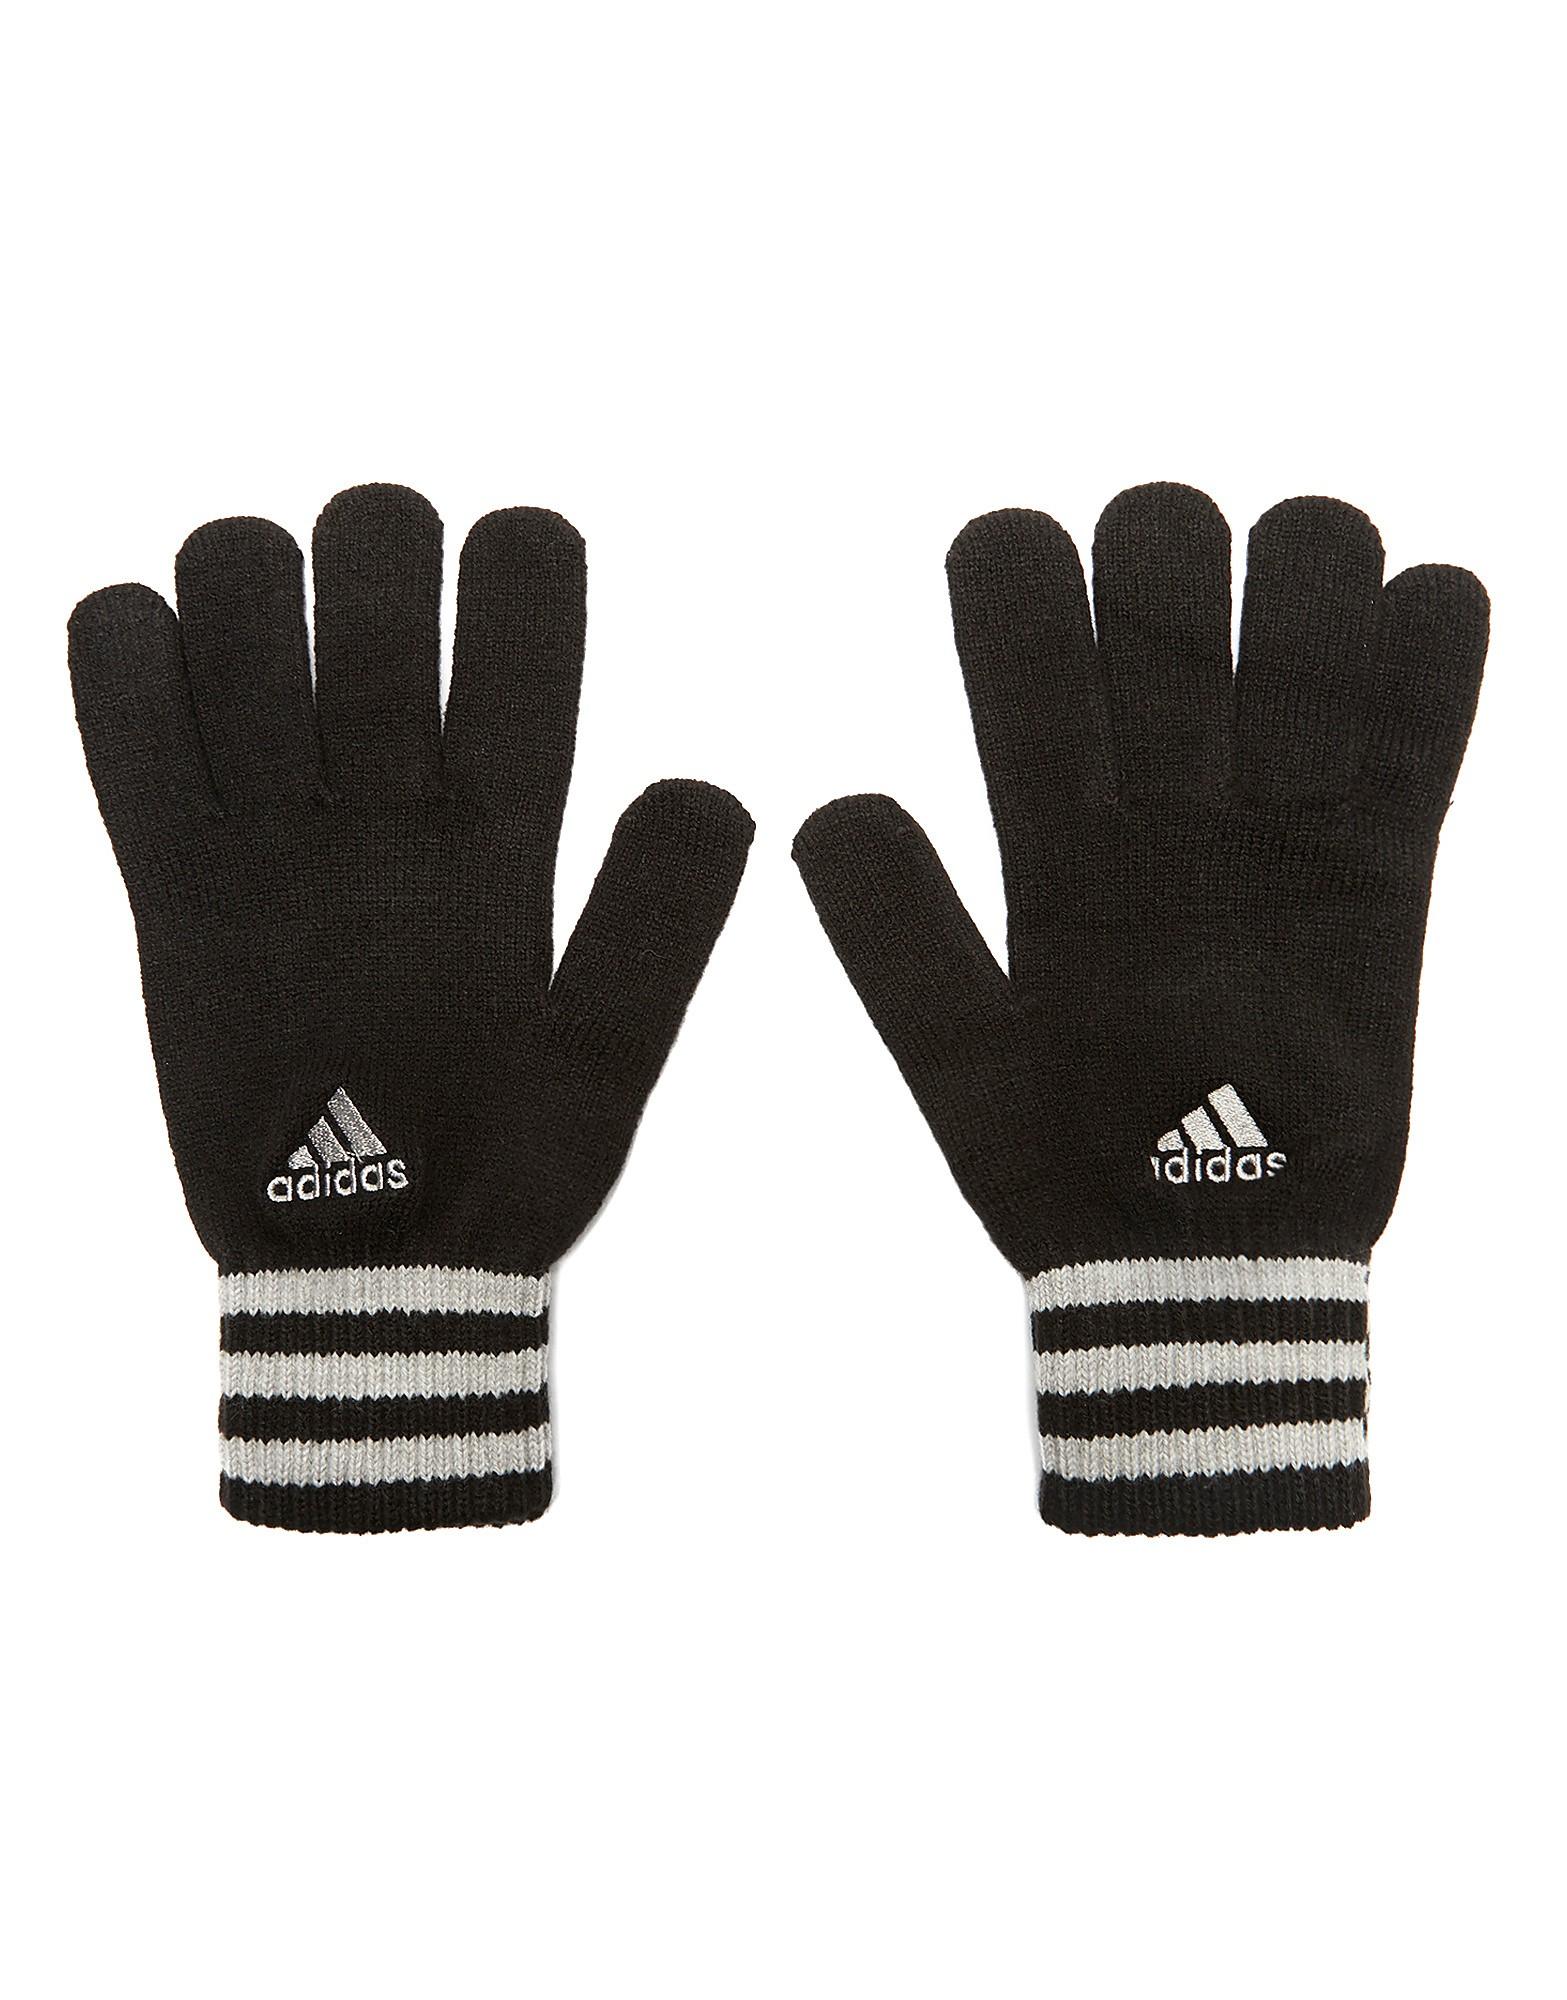 adidas Essential Handschuhe mit 3 Streifen